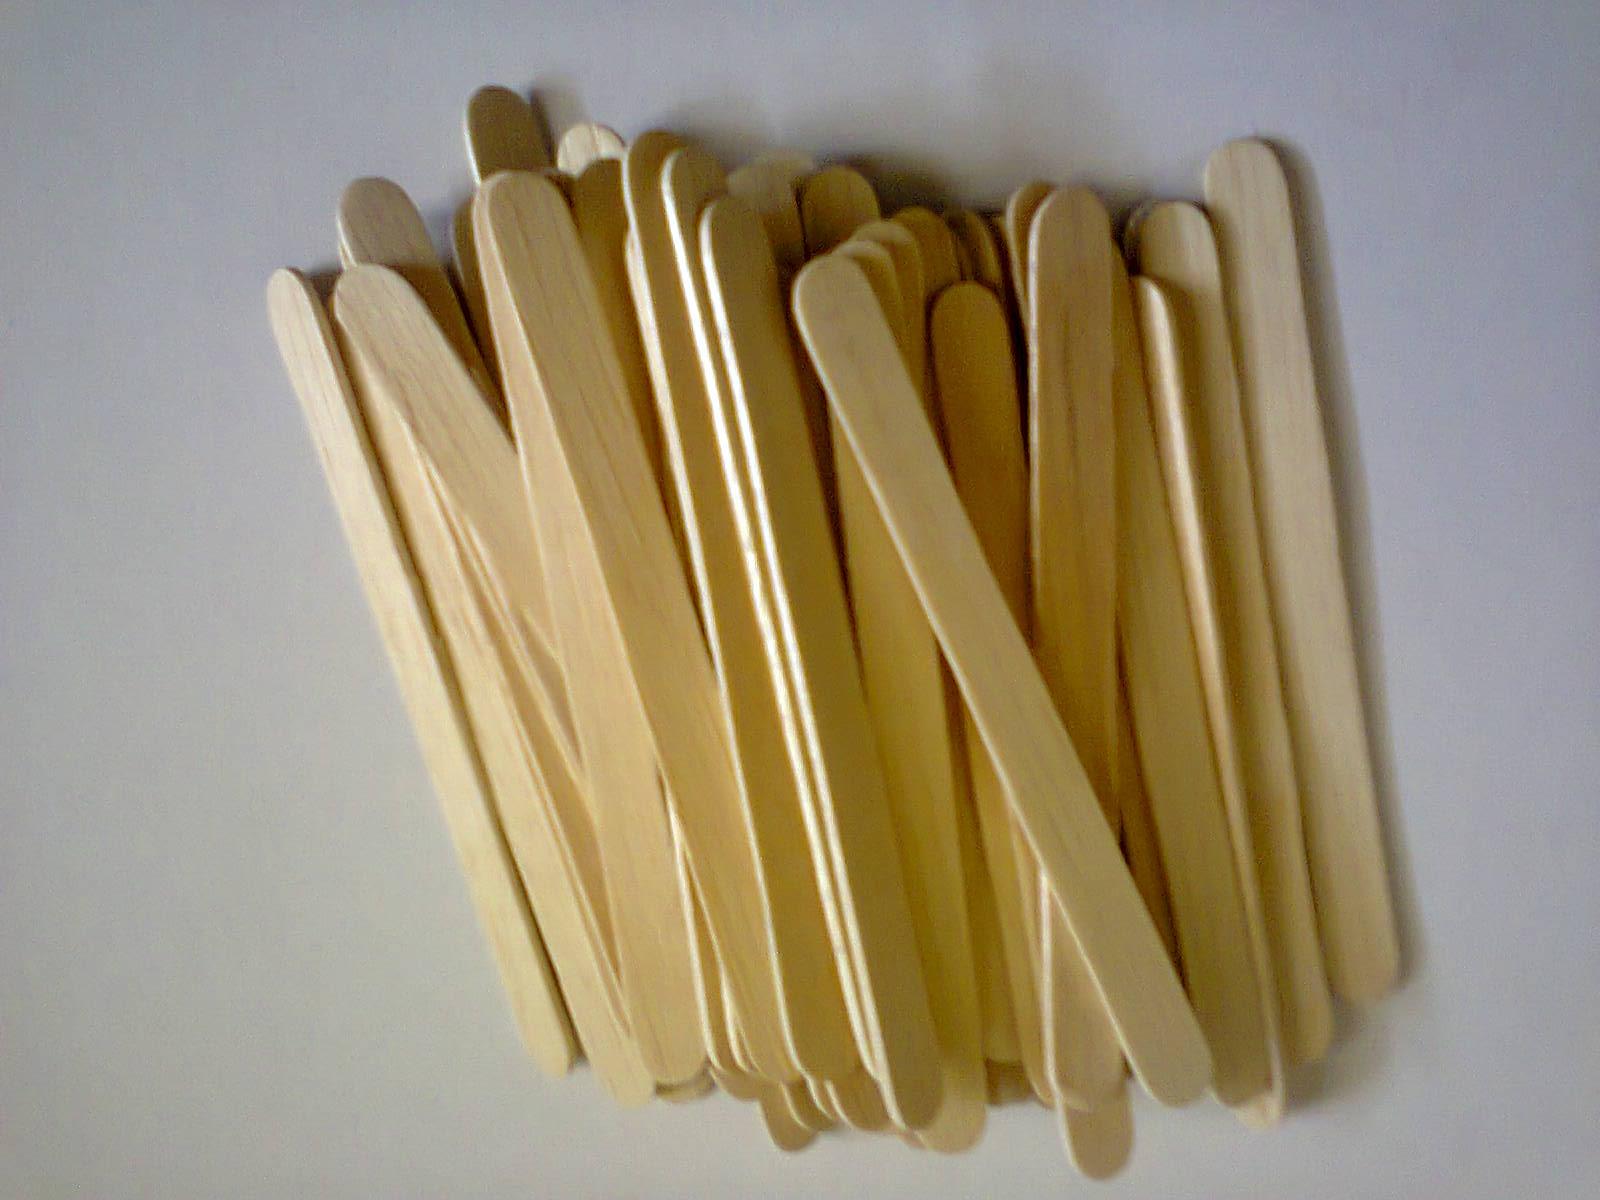 how to use agar agar sticks